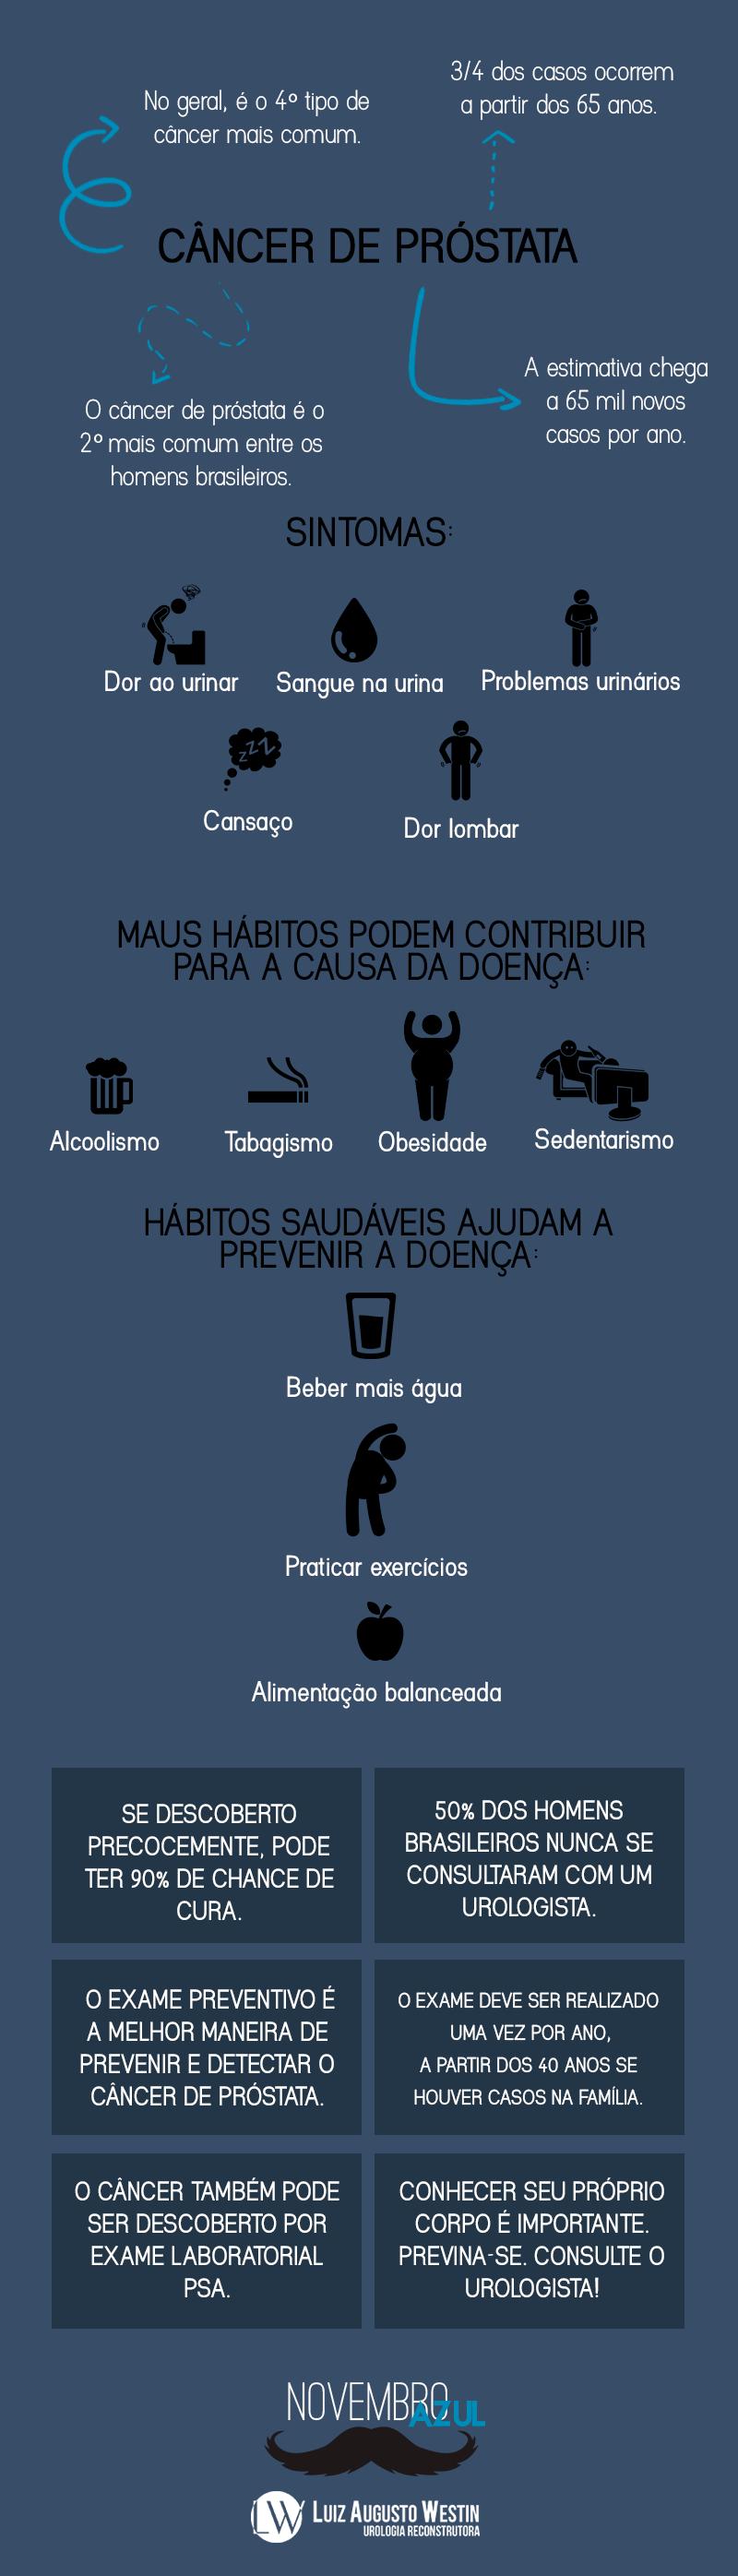 Infográfico | Câncer de próstata: toque neste assunto